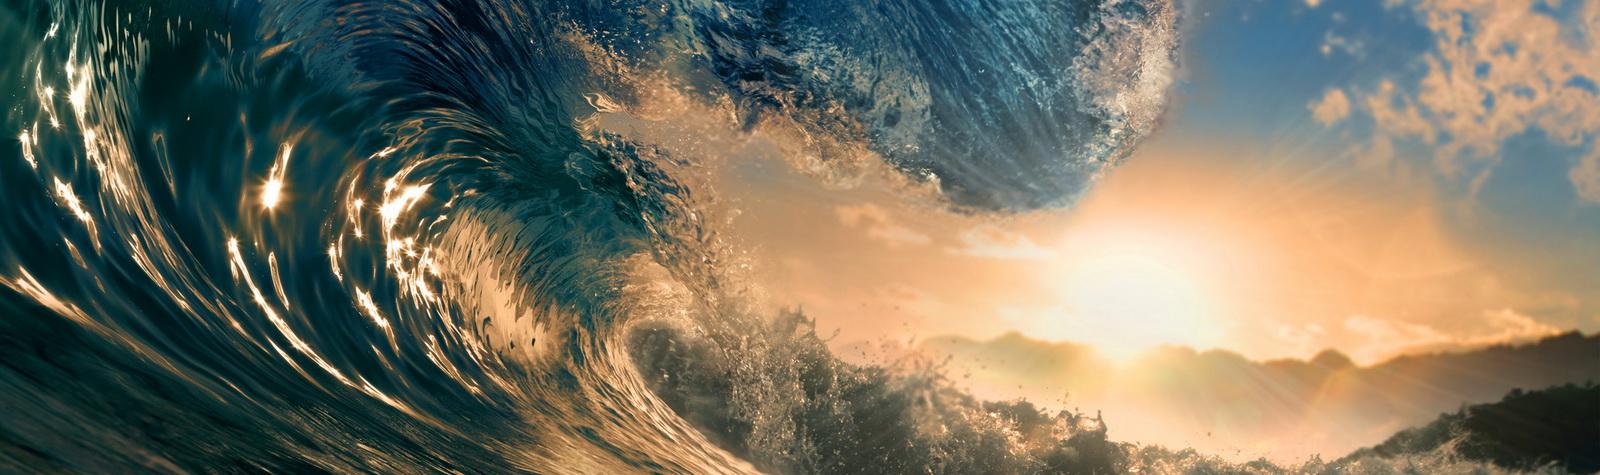 27) Tsunami